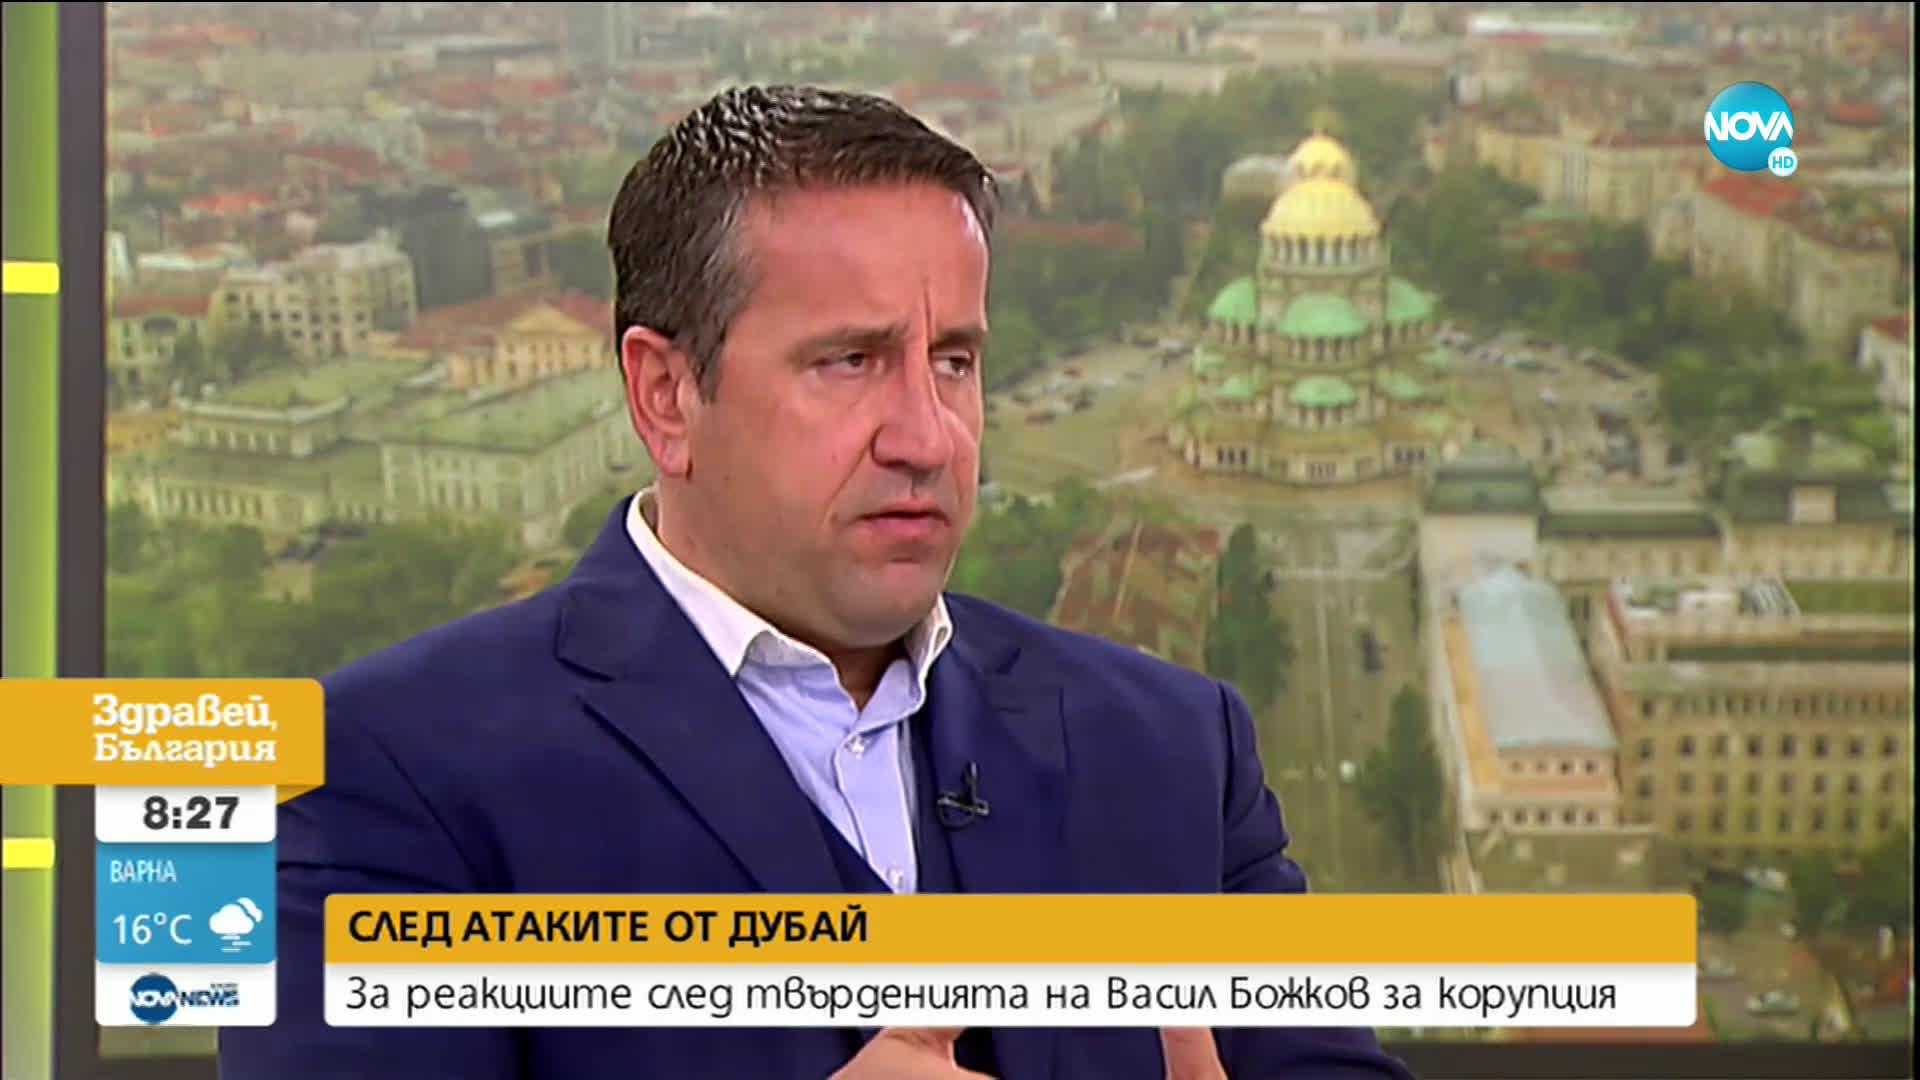 Анализатор: Атаката на Божков срещу властта е плосък сюжет